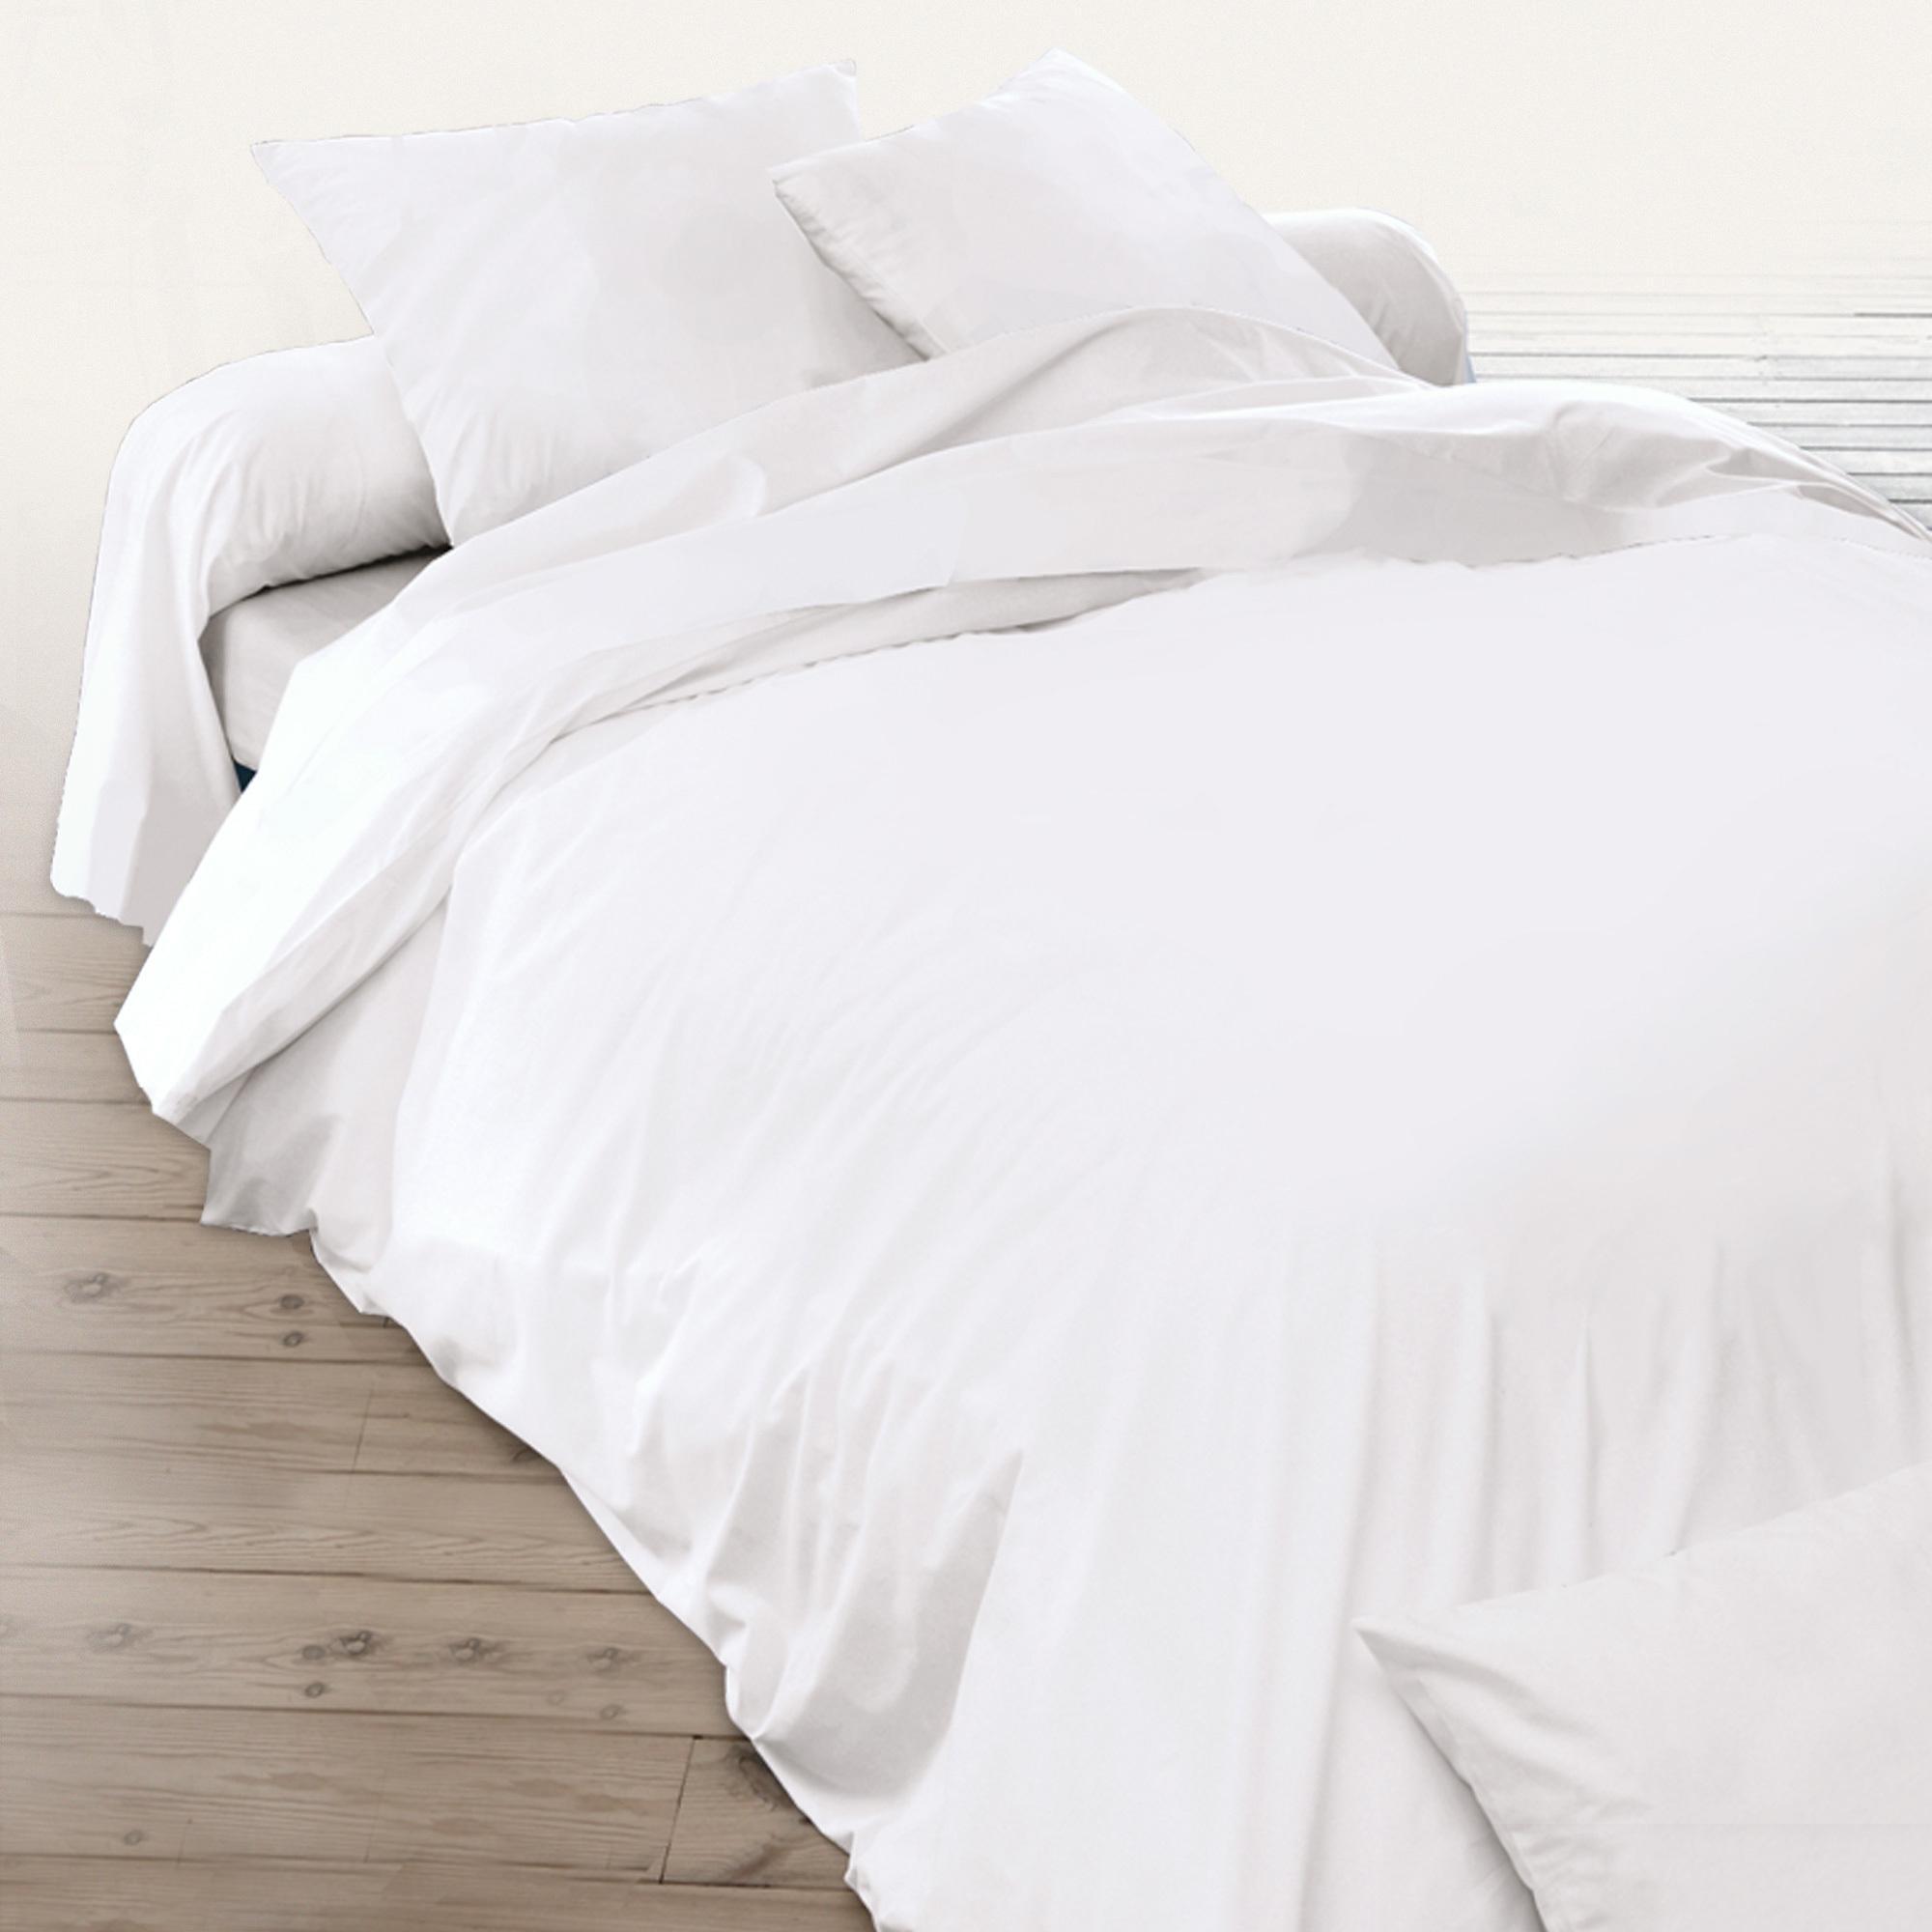 Housse de couette 140x200cm uni pur coton alto blanc - Housse de couette 140x200 100 coton ...